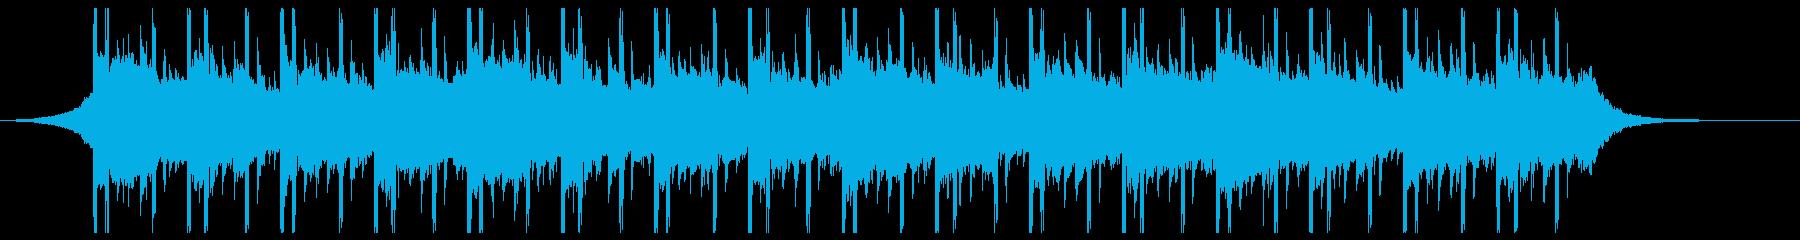 背景技術(ショート)の再生済みの波形